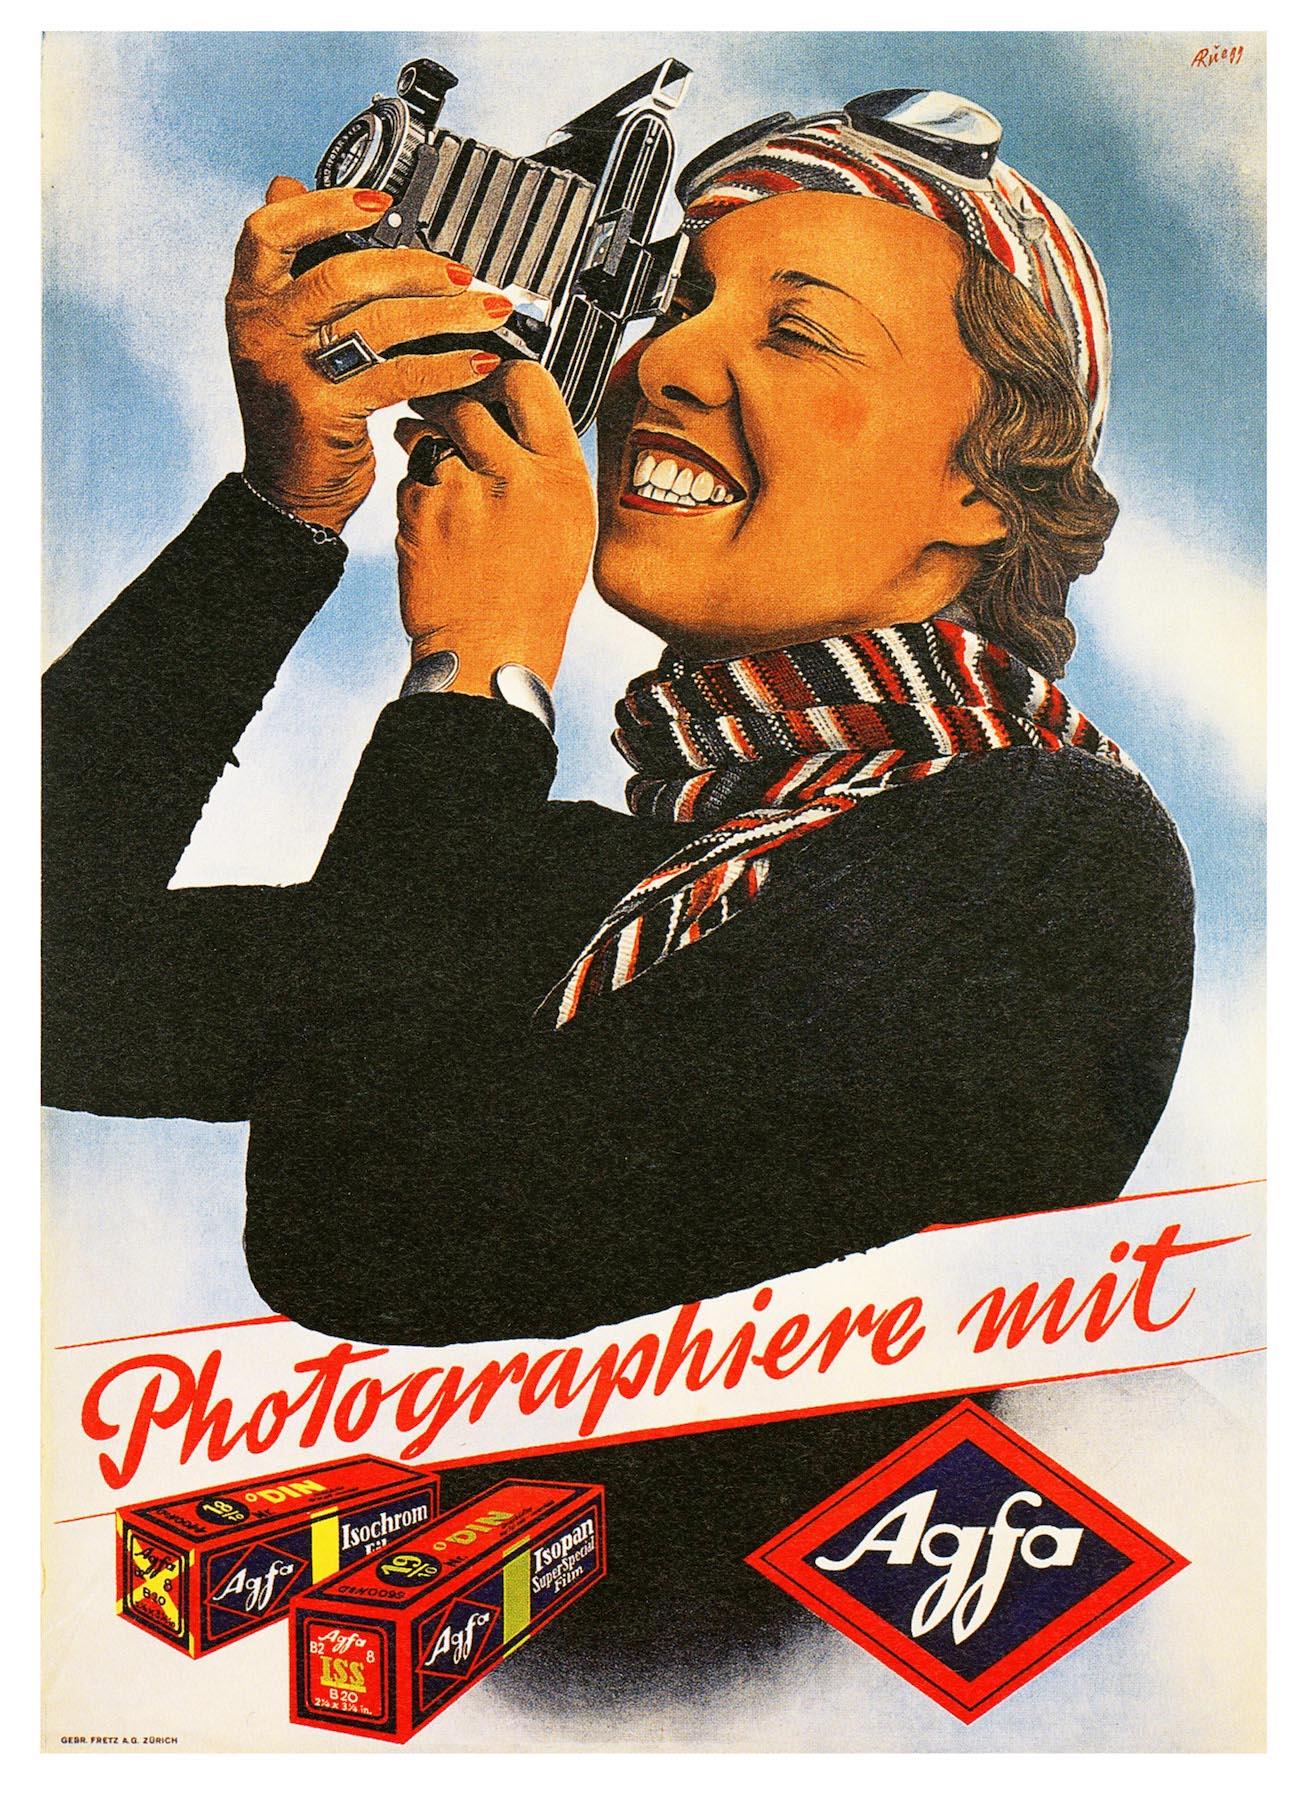 нужно реклама фотоаппарата плакат время идёт, меняемся